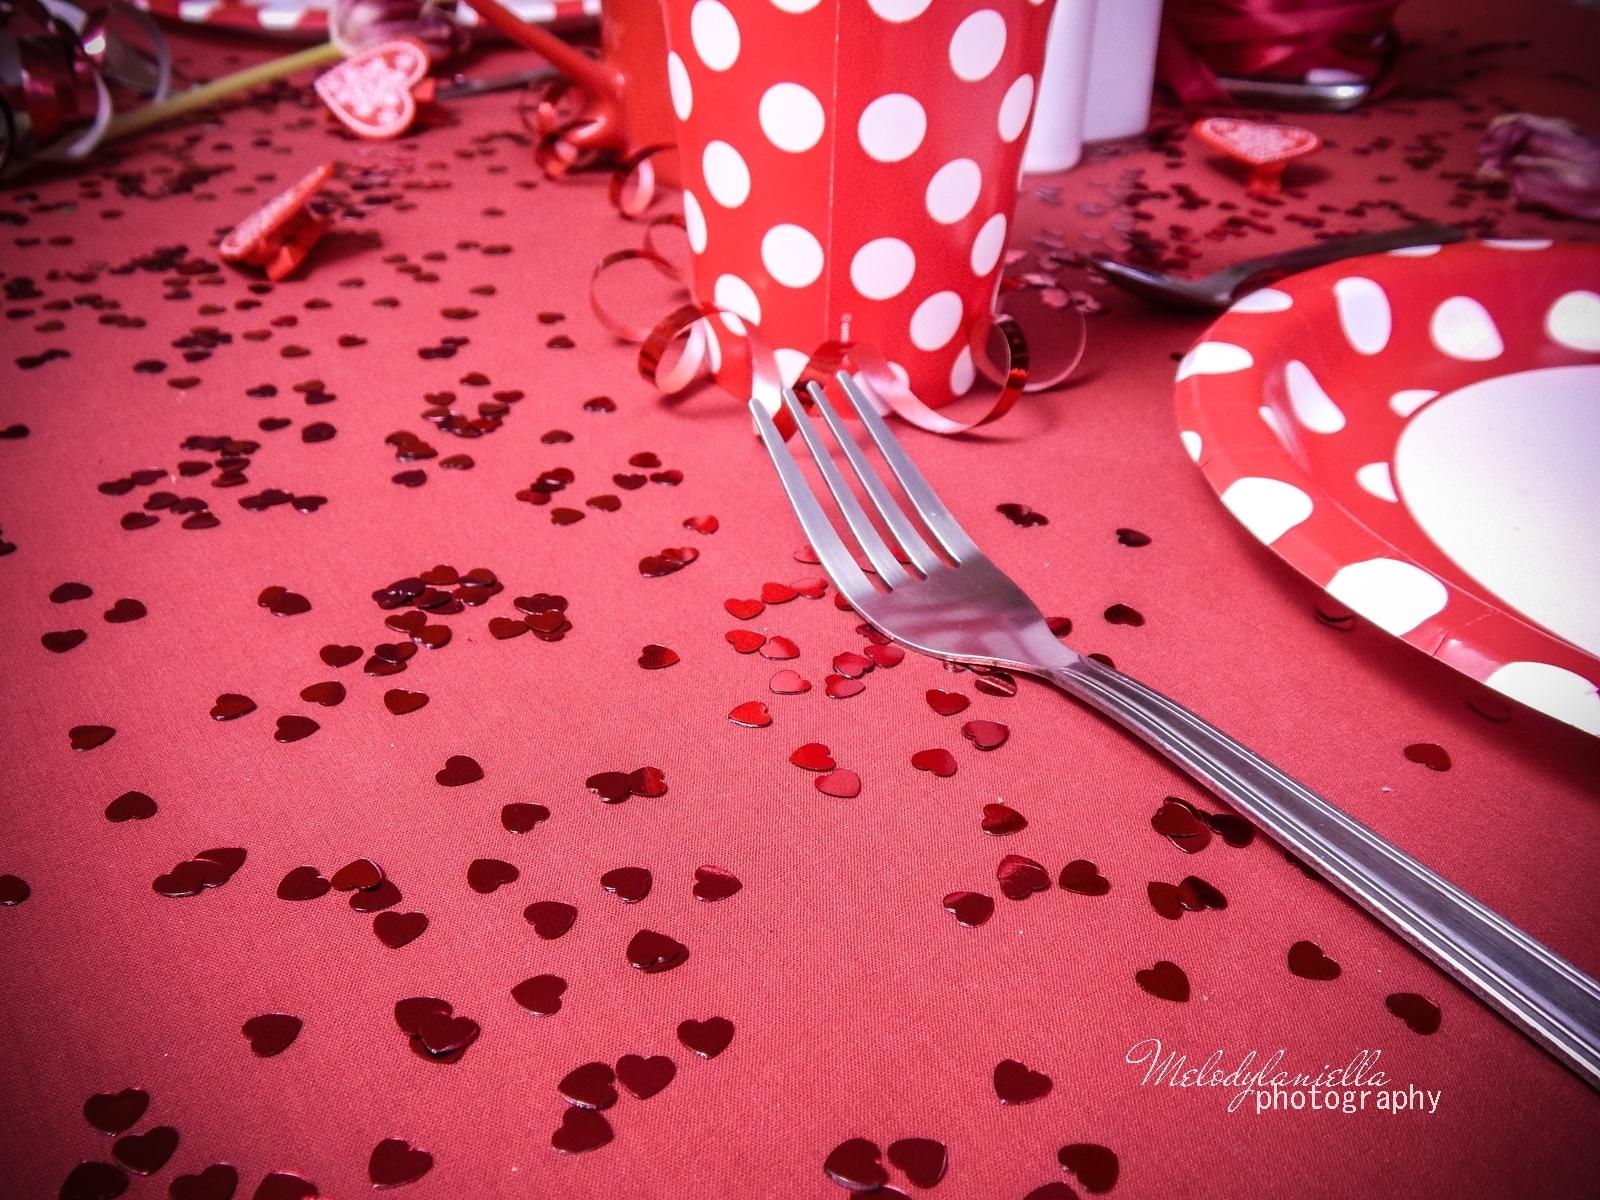 7 jak udekorować stół na walentynki walentynkowa kolacja pomysły na walentynkowe prezenty walentynkowe dekoracje home interior valentines blog melodylaniella partybox red heart confetti